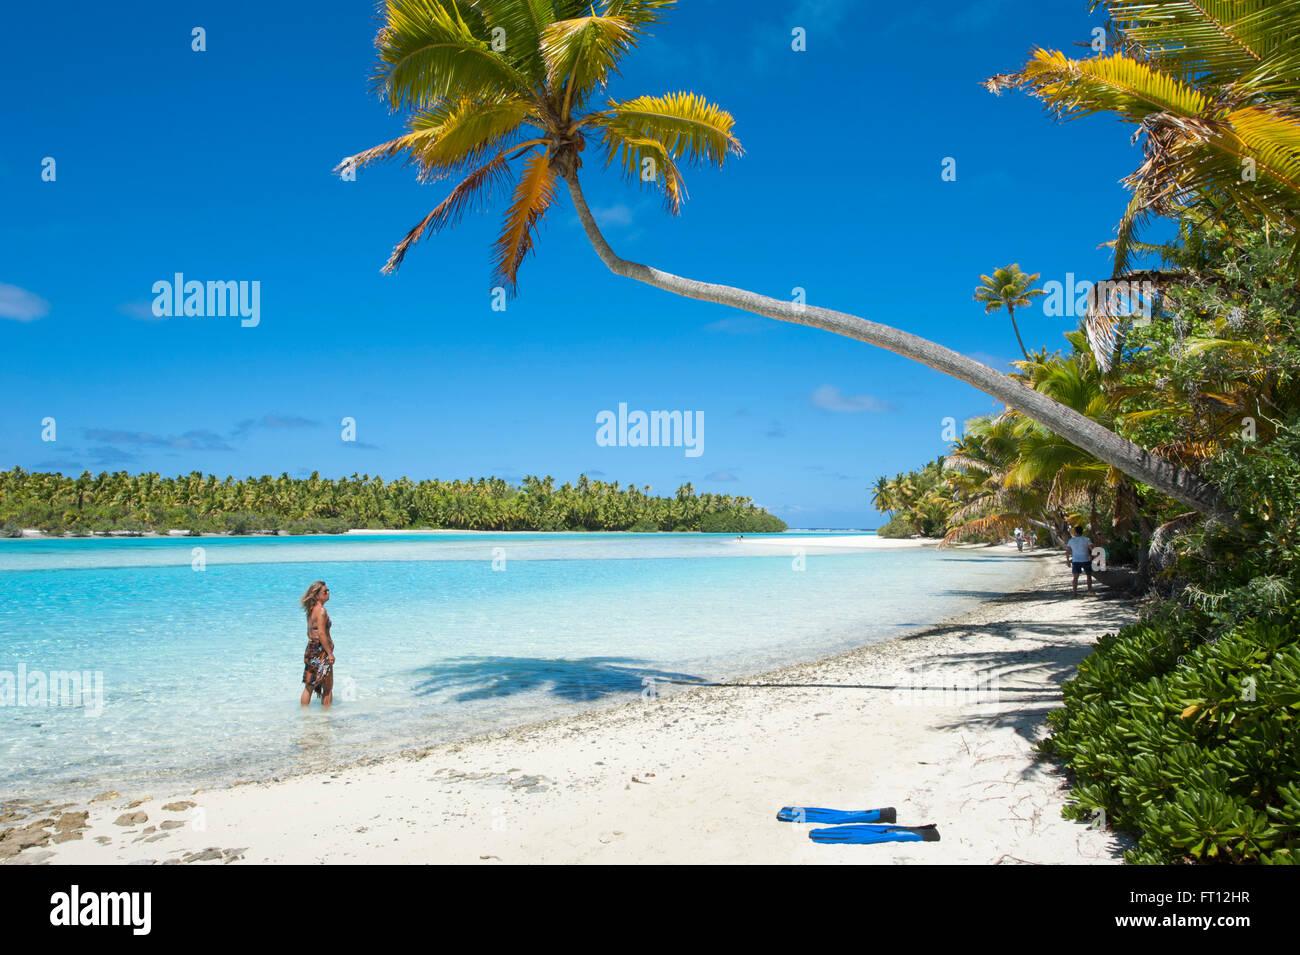 Mujer paseando por la playa con palmeras en un pie en la isla, la laguna de Aitutaki Aitutaki, Islas Cook, Pacífico Imagen De Stock